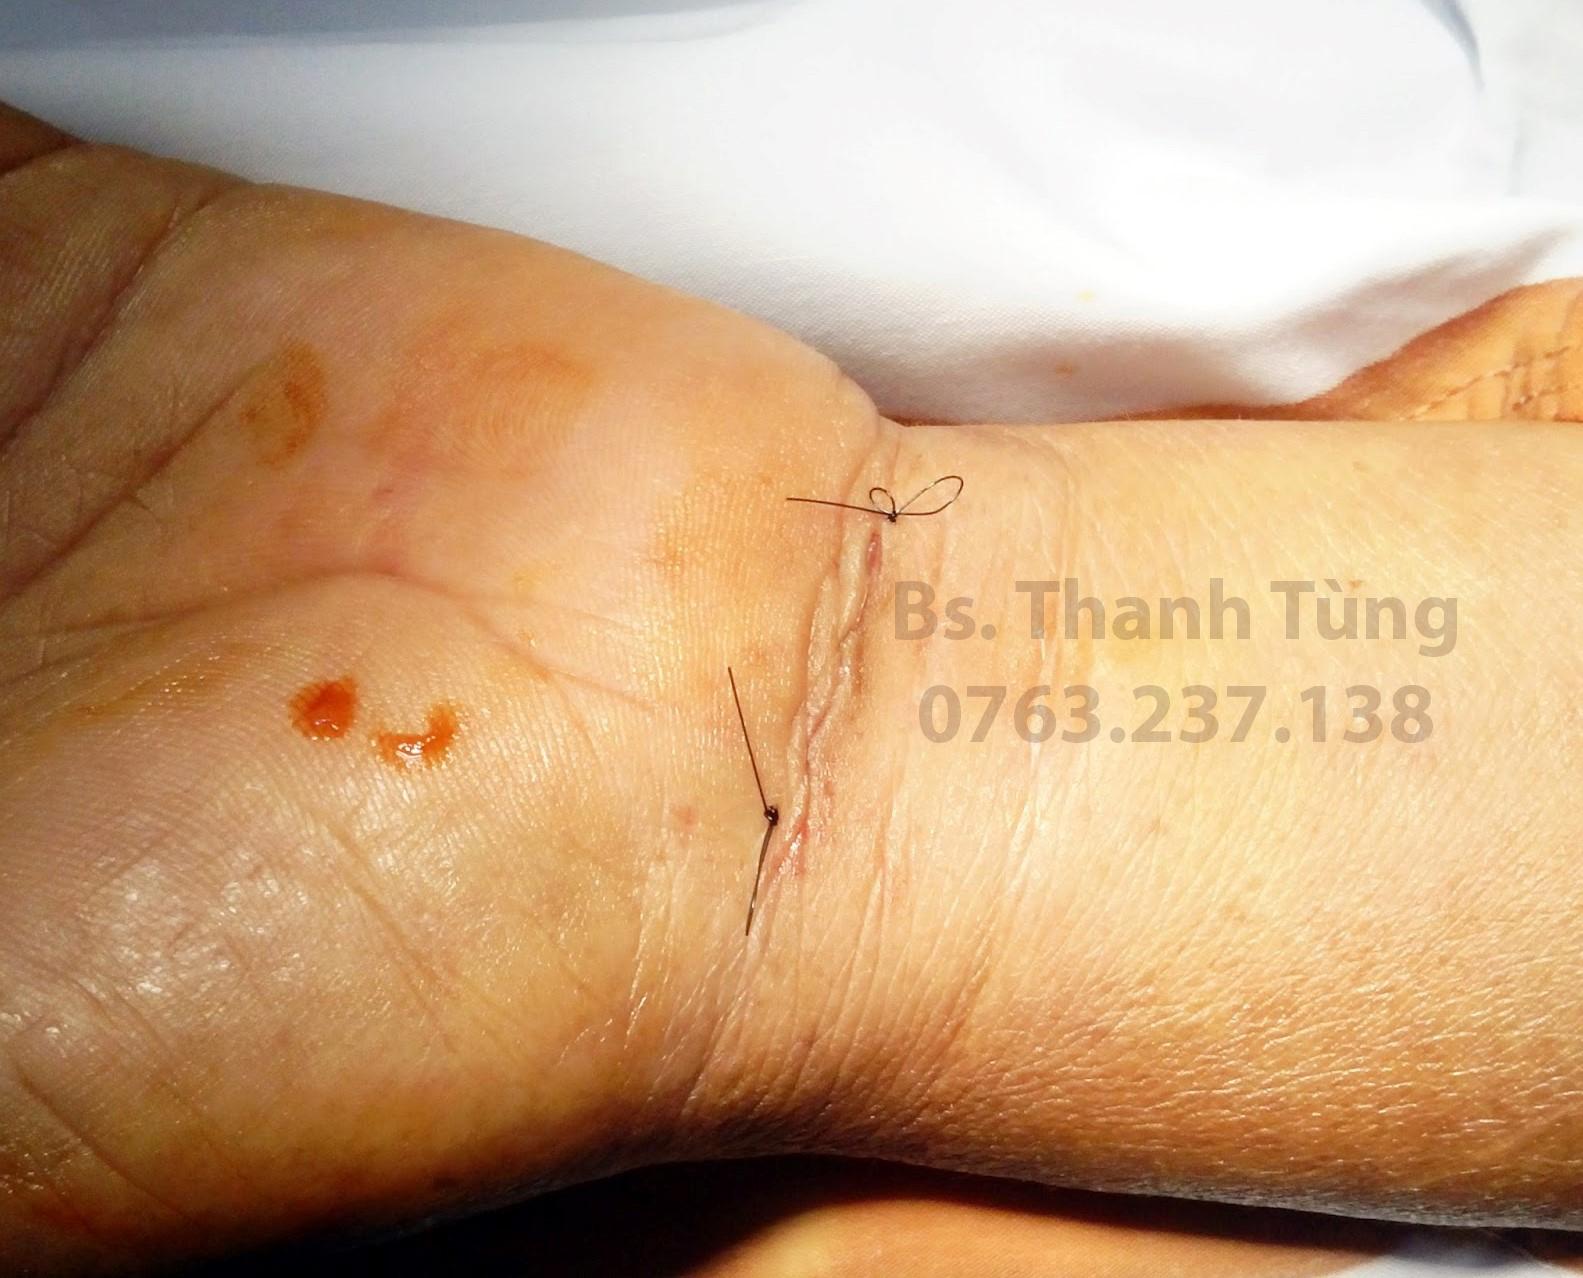 Hình ảnh vết mổ hội chứng ống cổ tay sau khi vừa khâu lại